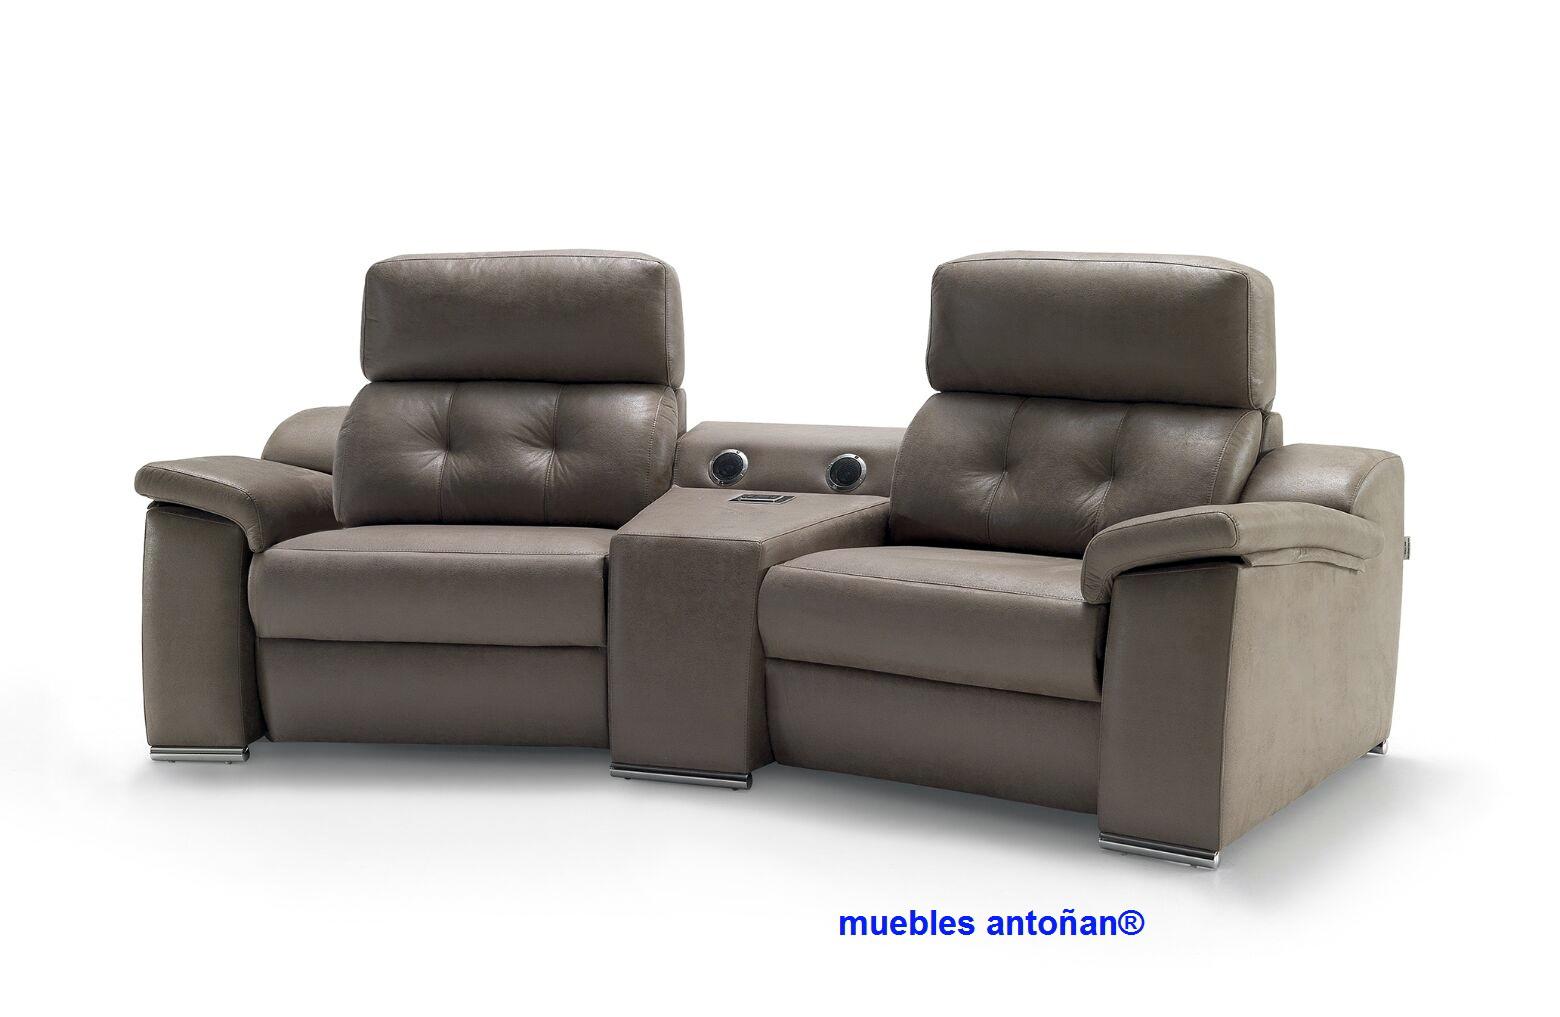 Coimbra sofá relax motorizado 003 by Verazzo Design en muebles antoñán® León